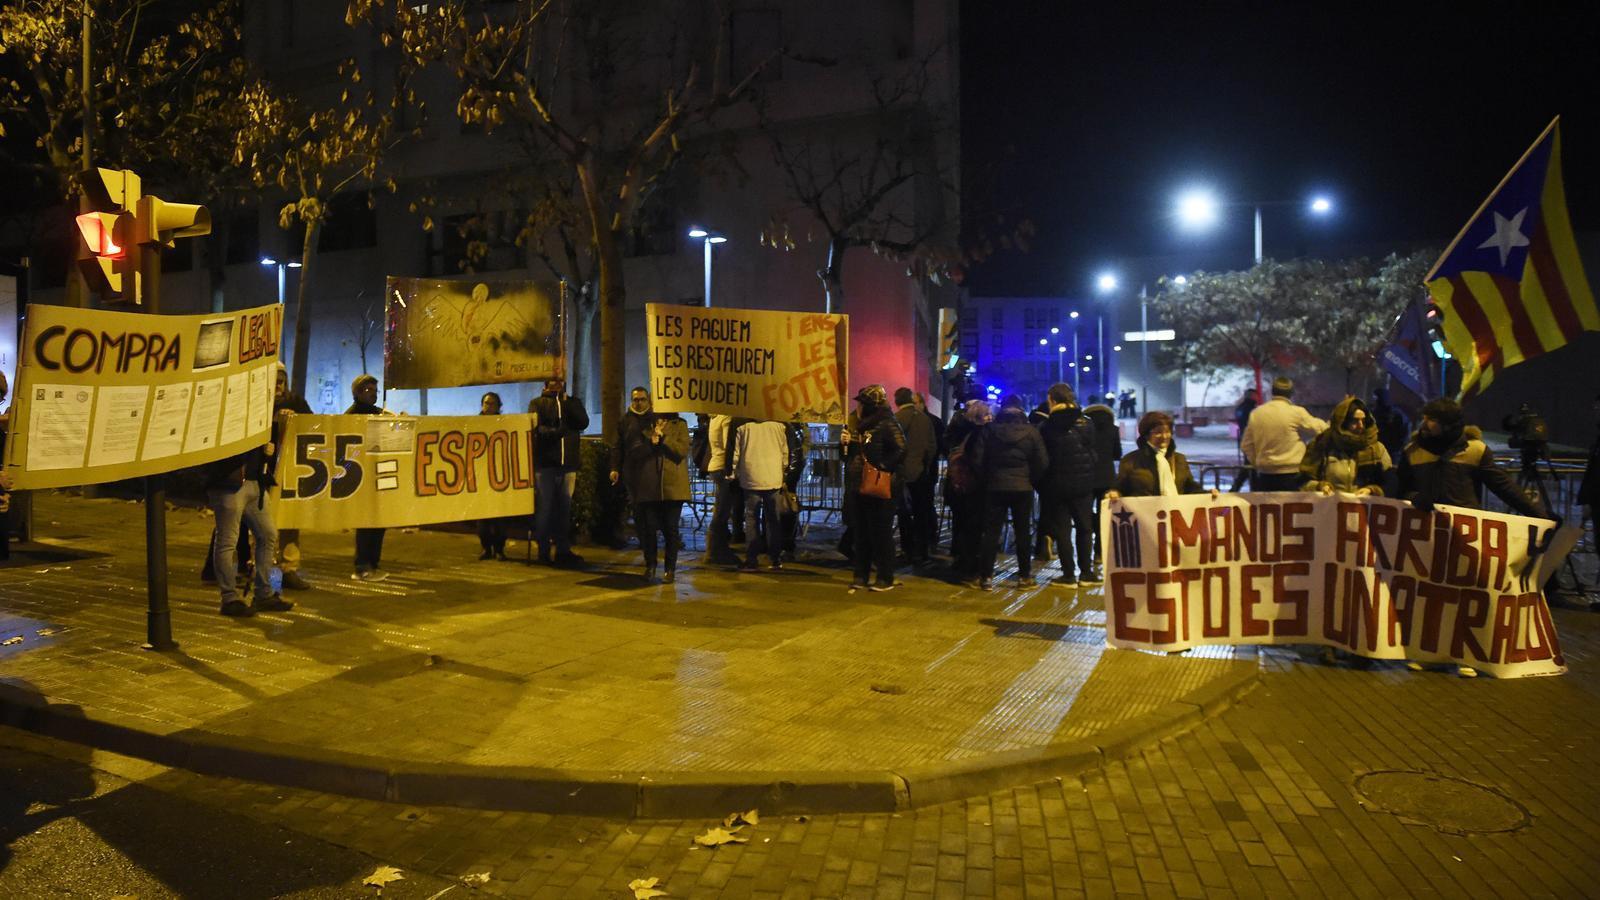 Diverses persones s'han concentrat a les portes del Museu de Lleida per protestar contra el retorn de les obres a Sixena